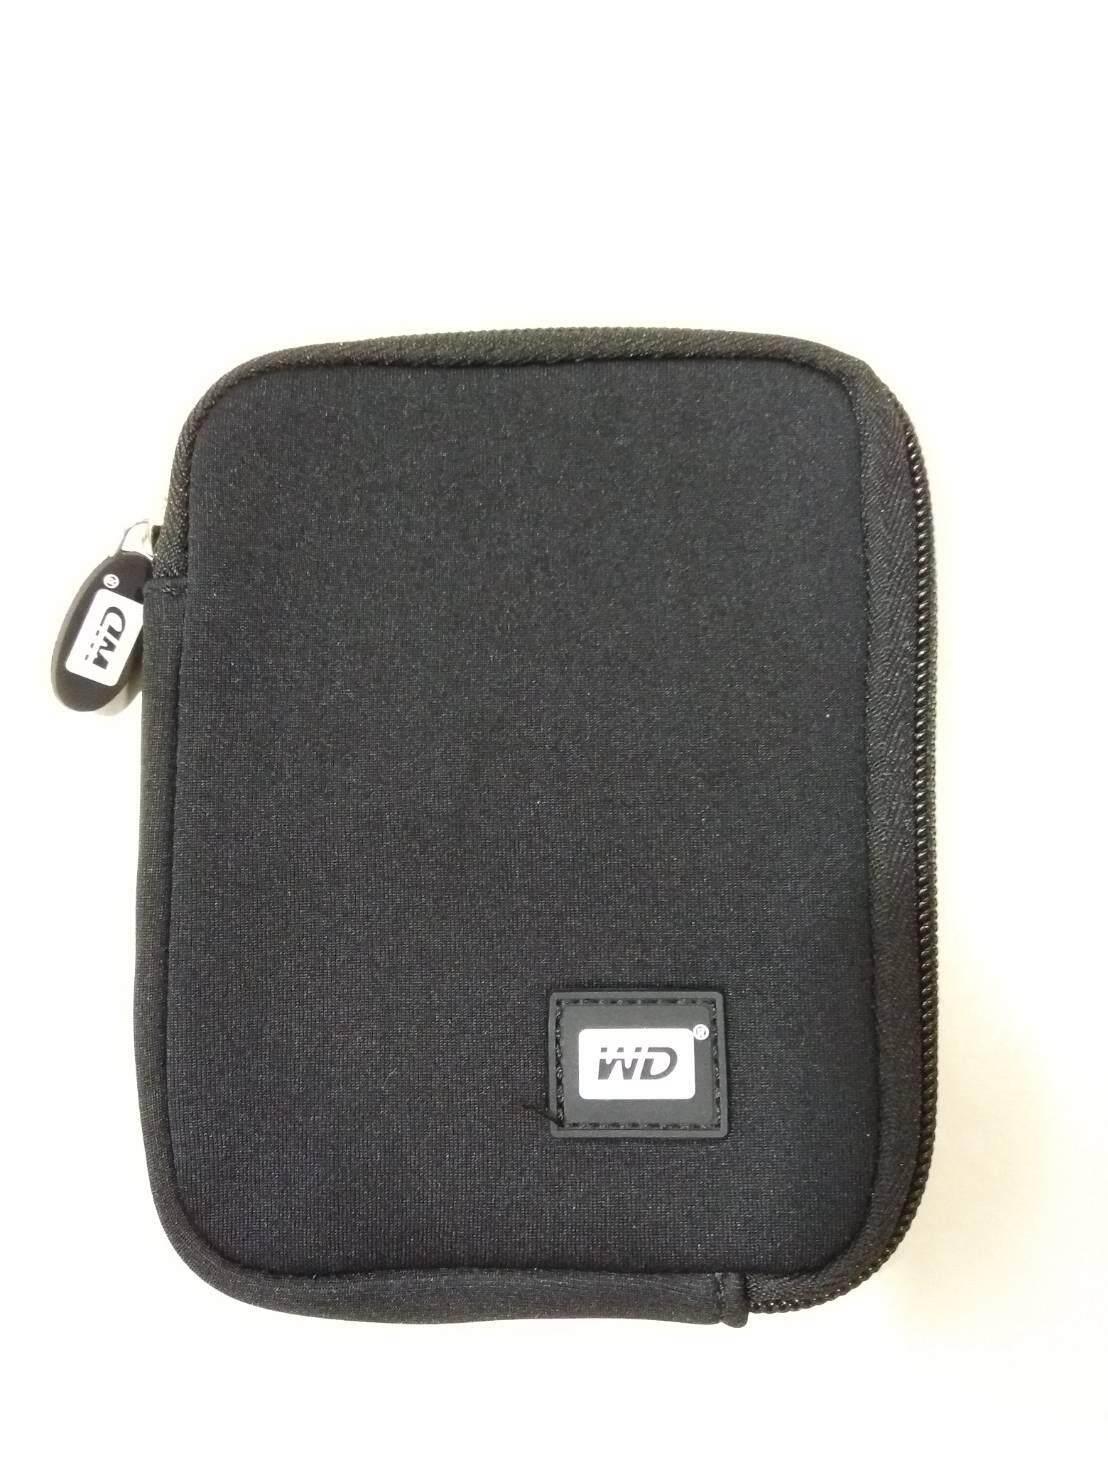 กระเป๋าใส่ External Hdd Wd ของแท้.